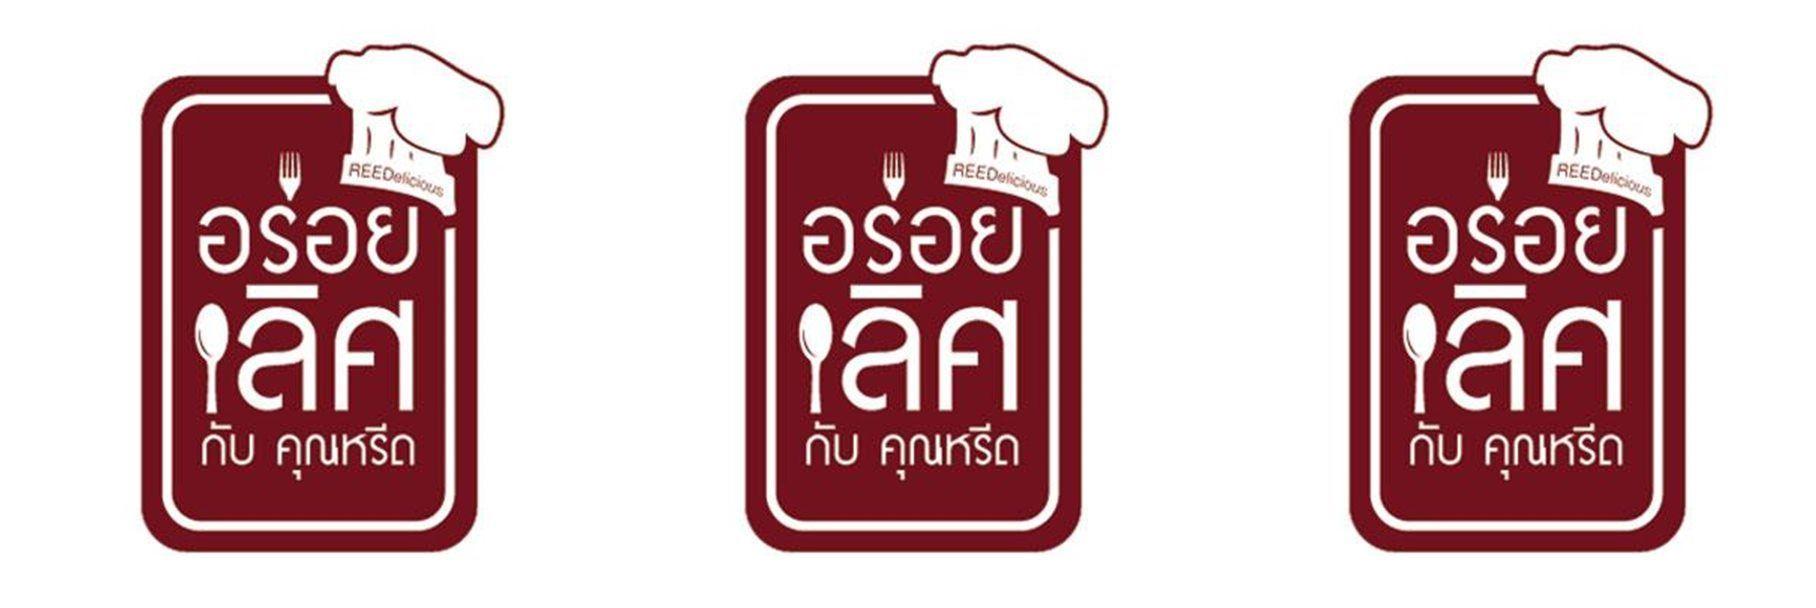 ดูละครย้อนหลัง ห้องอาหาร M Cafe | อร่อยเลิศกับคุณหรีด I 29 พ.ค. 62